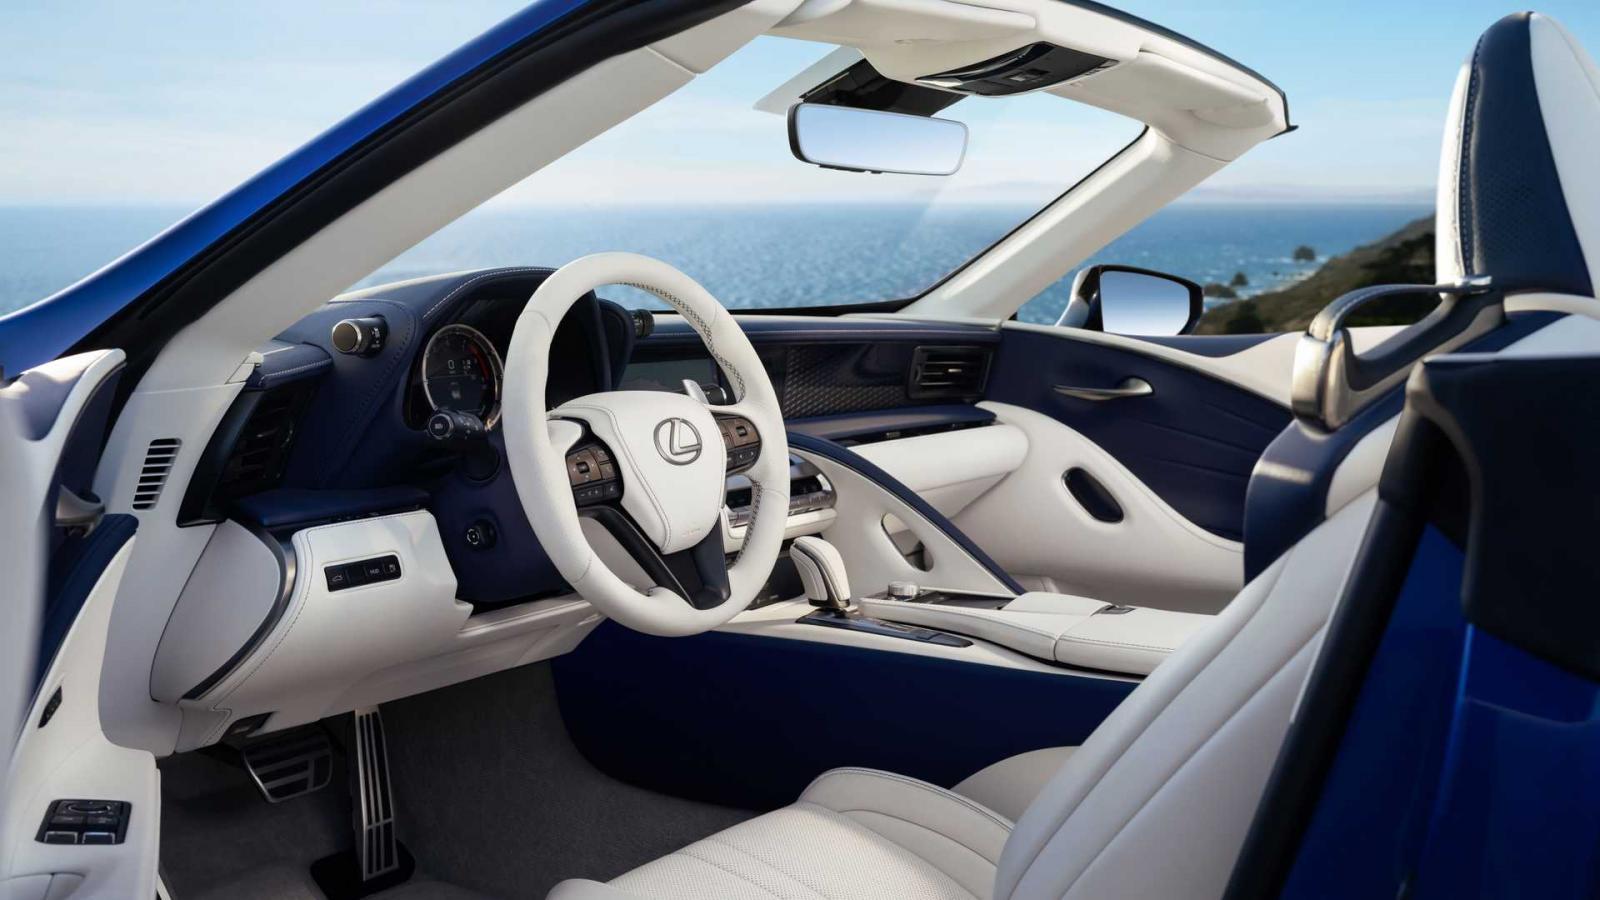 La cabina del Lexus LC 500 Convertible está elaborada con materiales de calidad premium